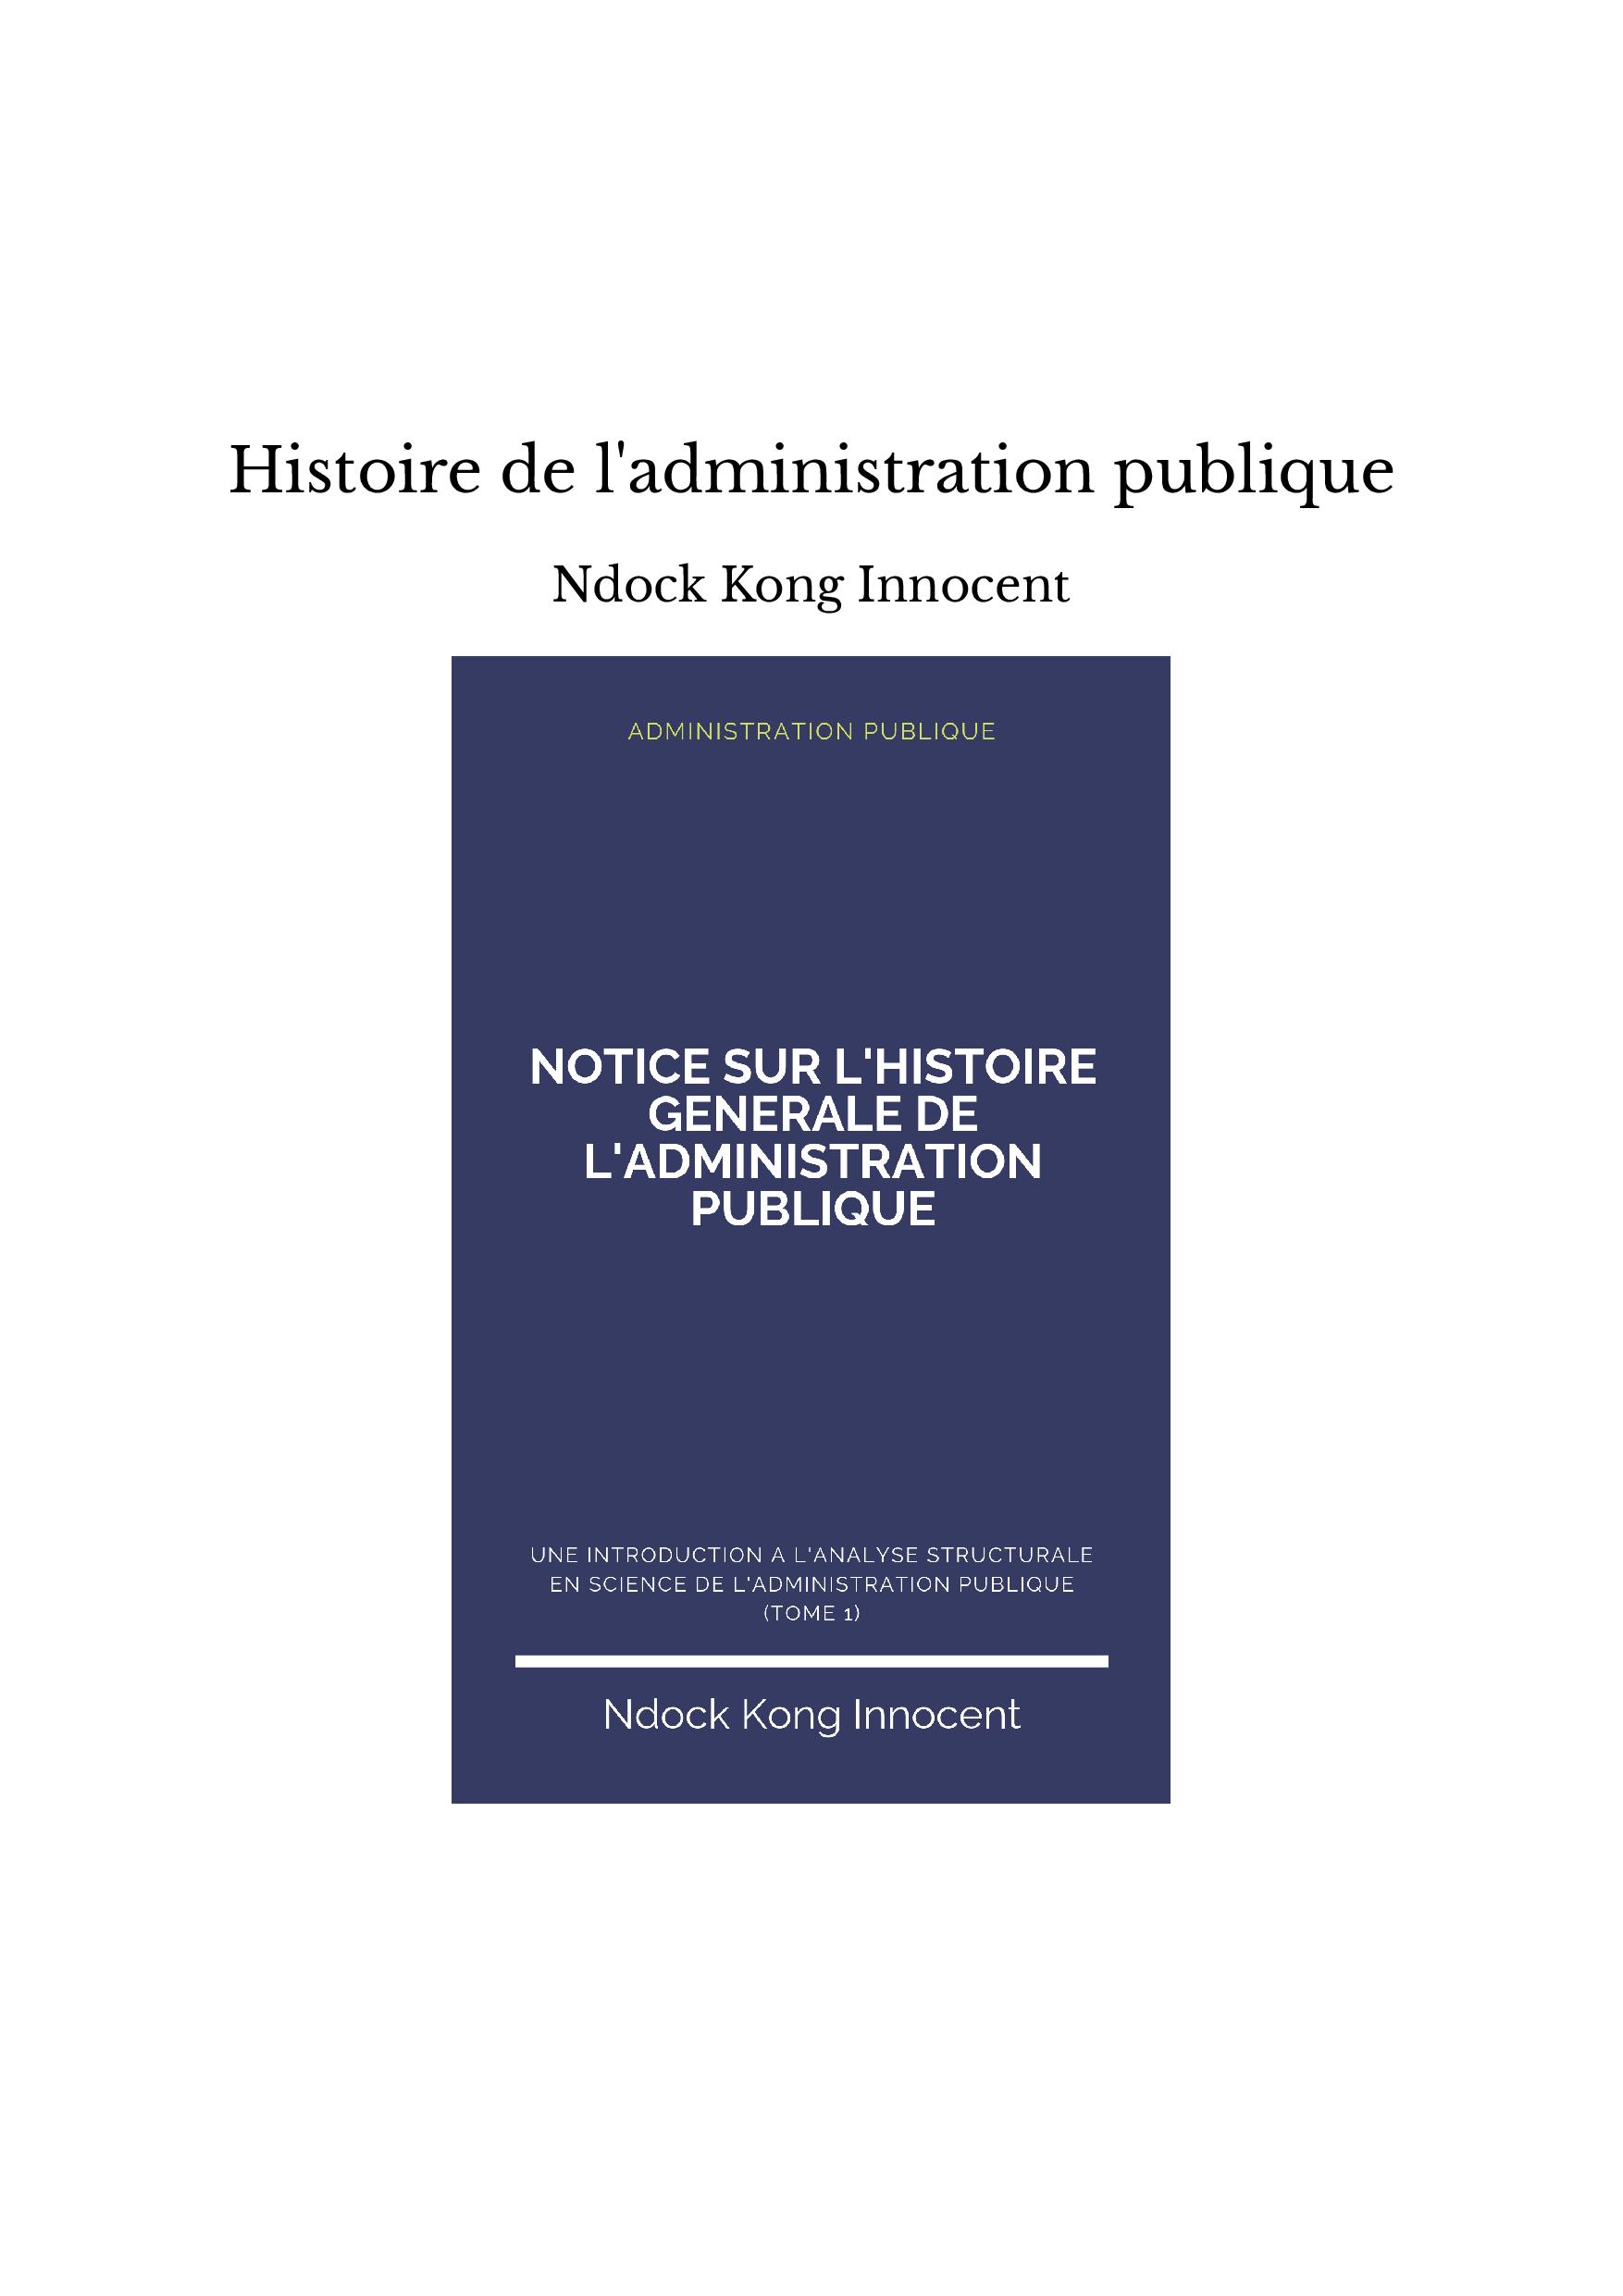 Histoire de l'administration publique